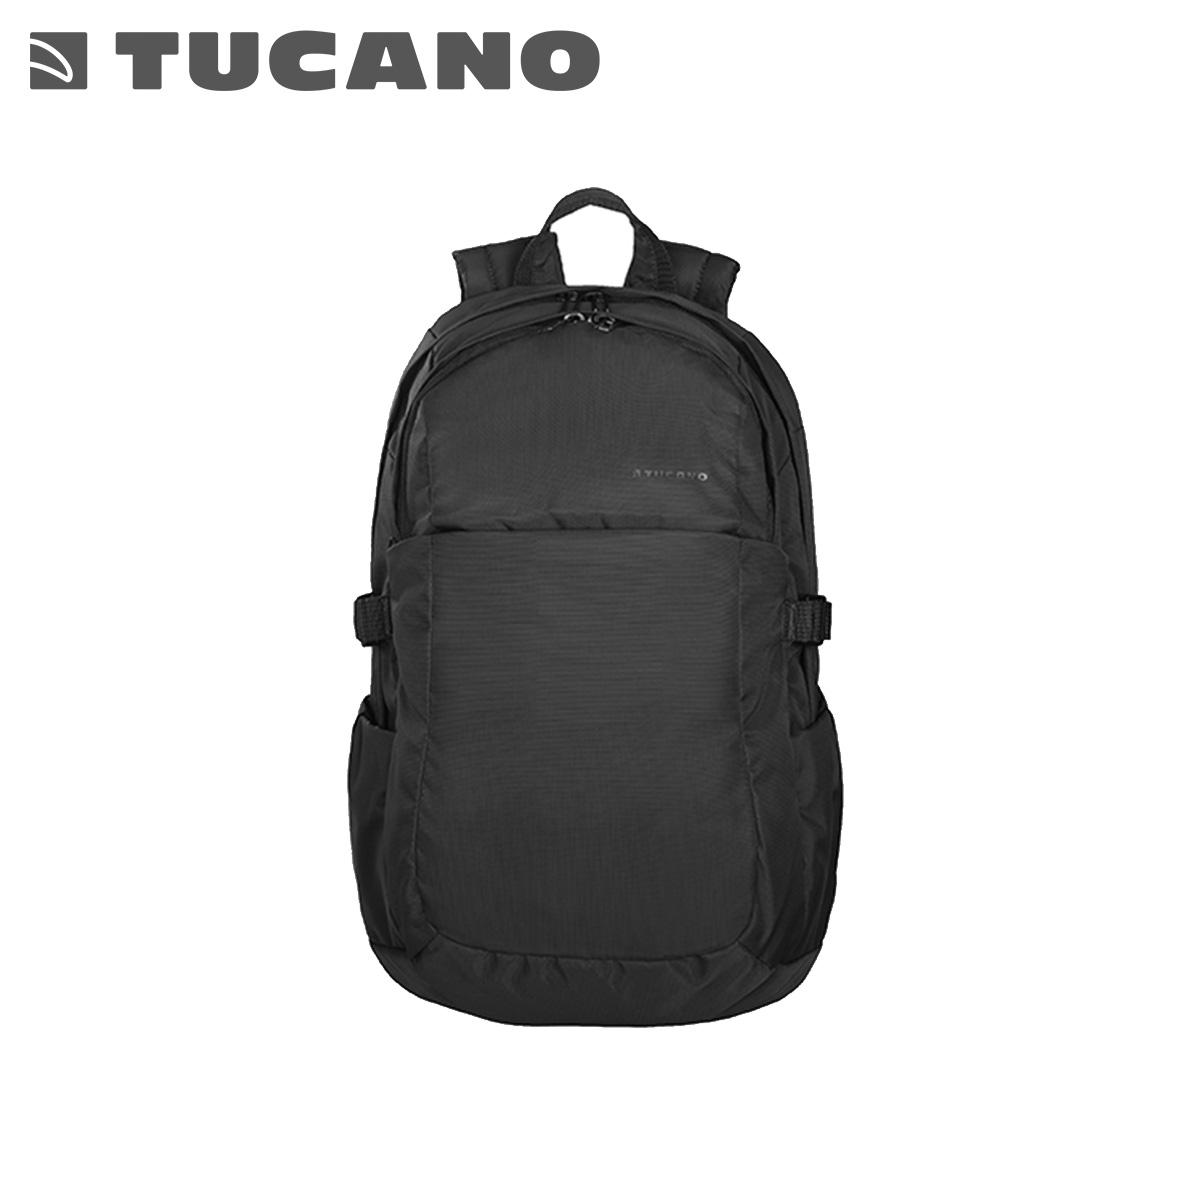 ツカーノ TUCANO リュック バッグ バックパック メンズ レディース BRAVO ブラック 黒 BKBRA